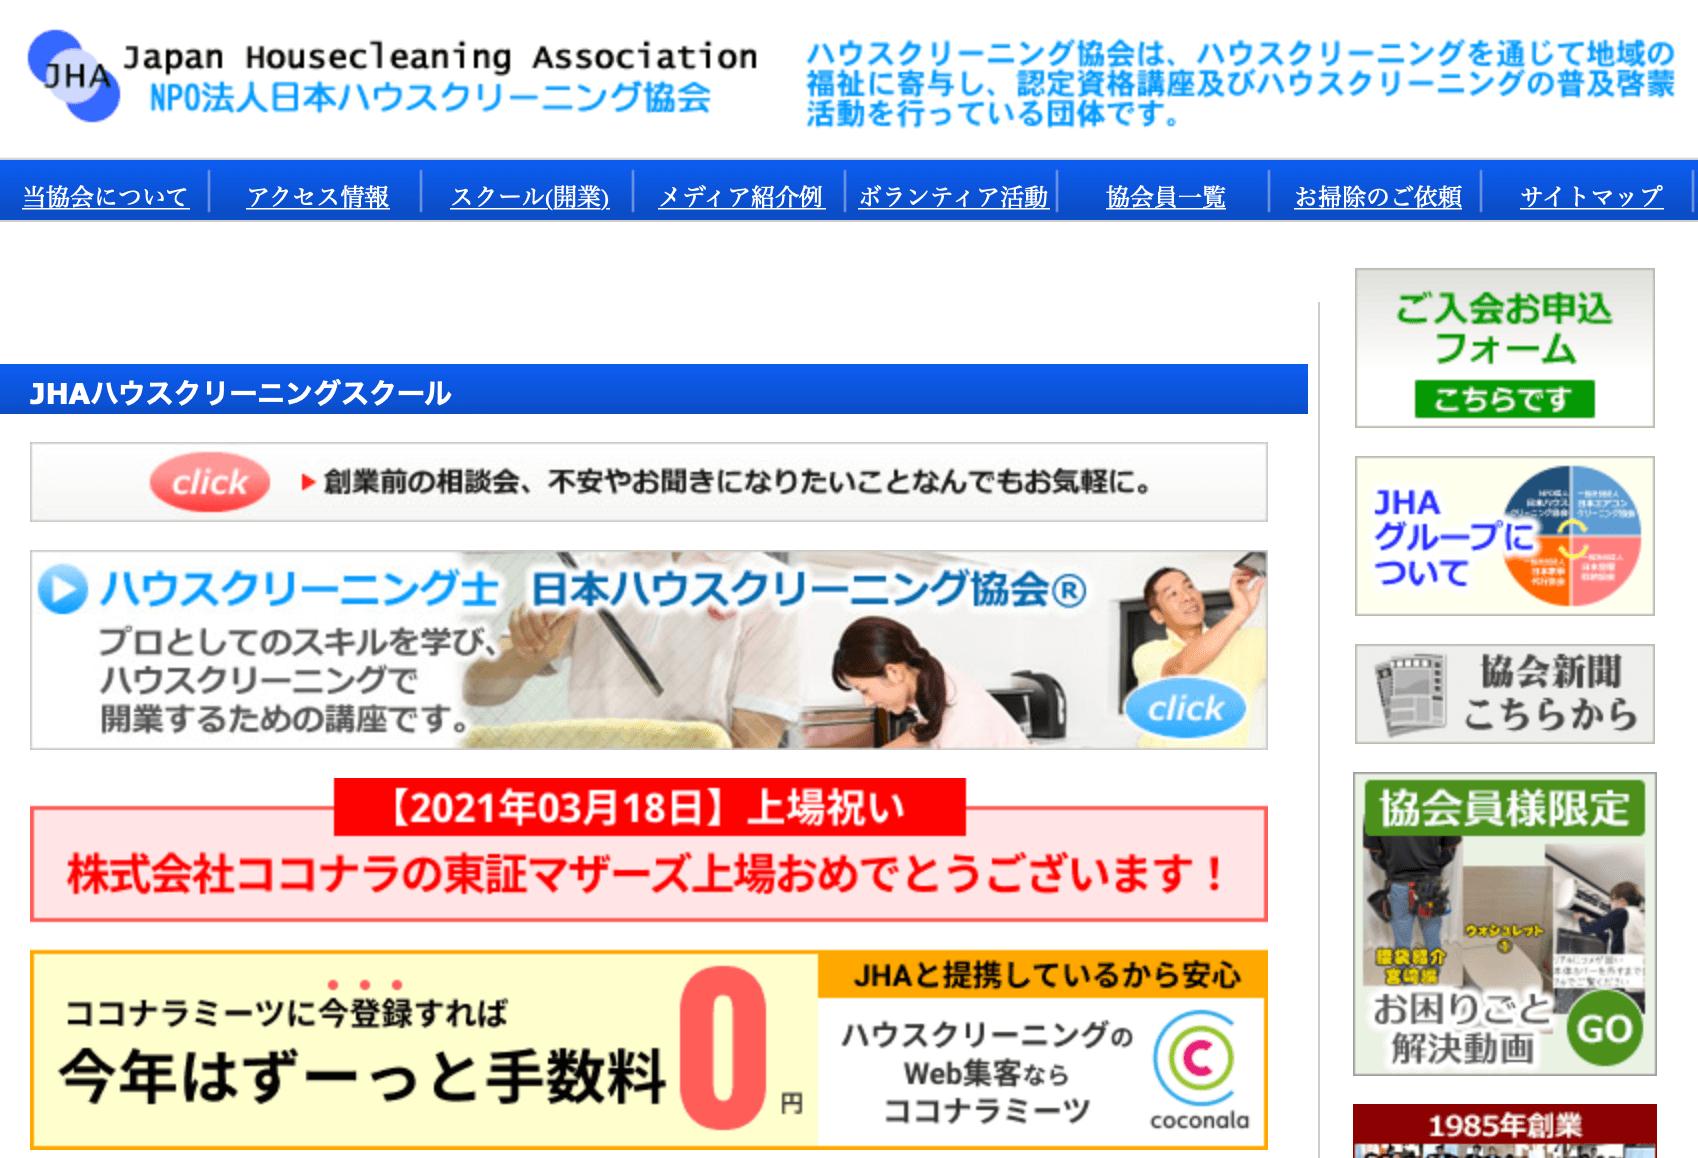 NPO法人日本ハウスクリーニング協会と提携